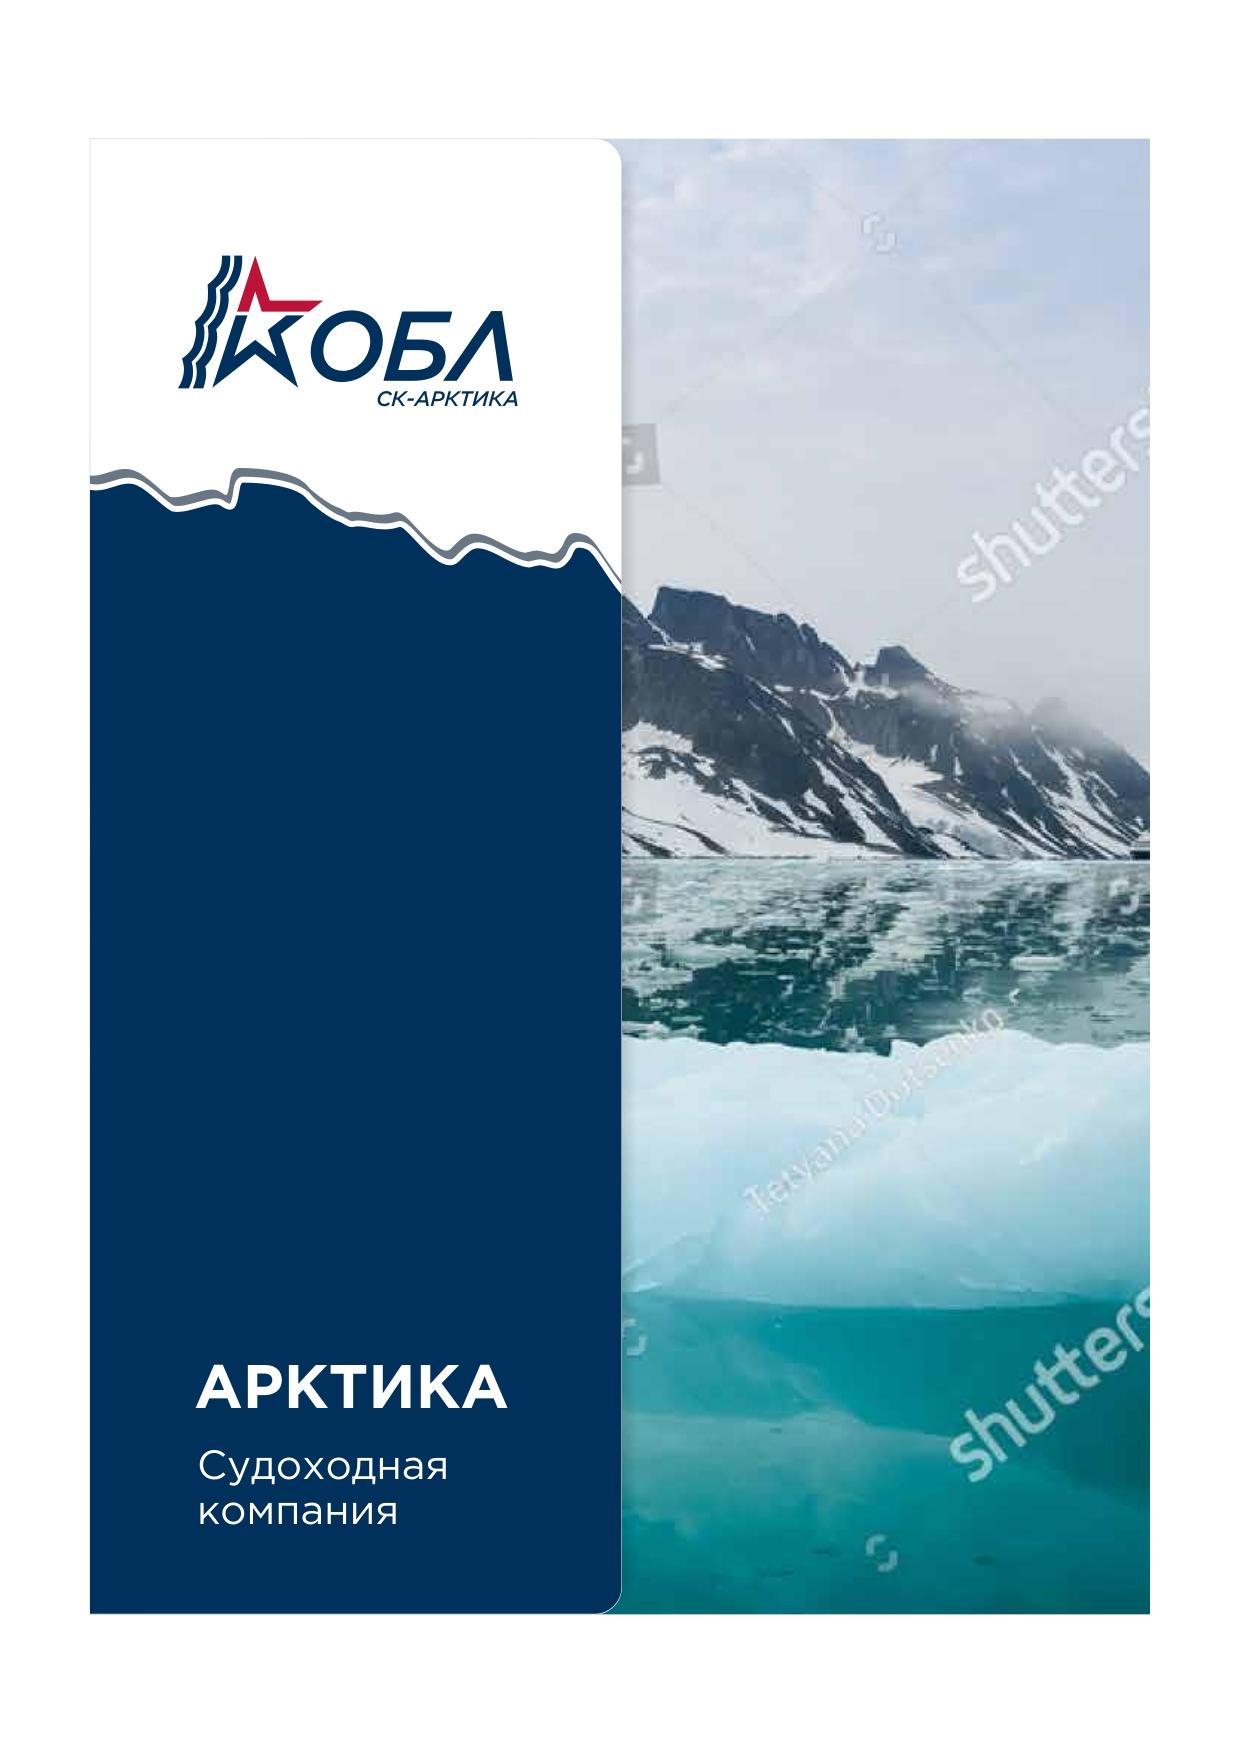 Дизайн и верстка лифлетов 3х дочерних судоходных компаний  фото f_8475b4284997ec48.jpg